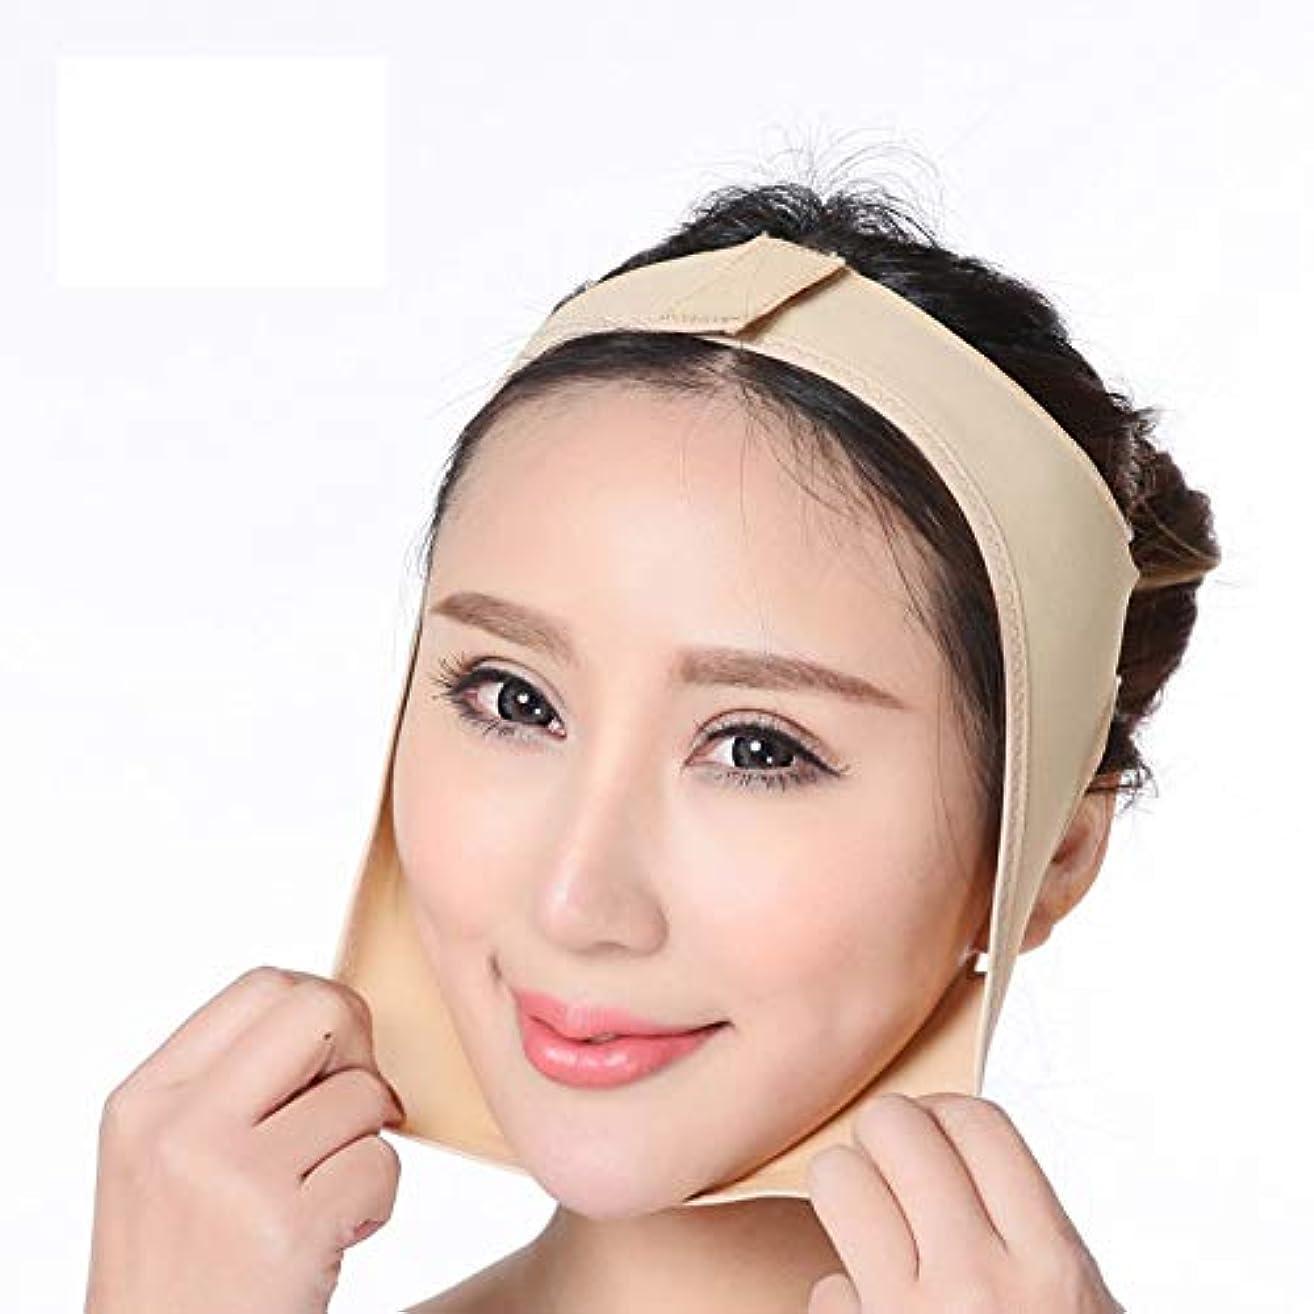 フェイスリフト包帯、男女兼用の睡眠用薄型フェイスマスク/フェイスリフト器具,L